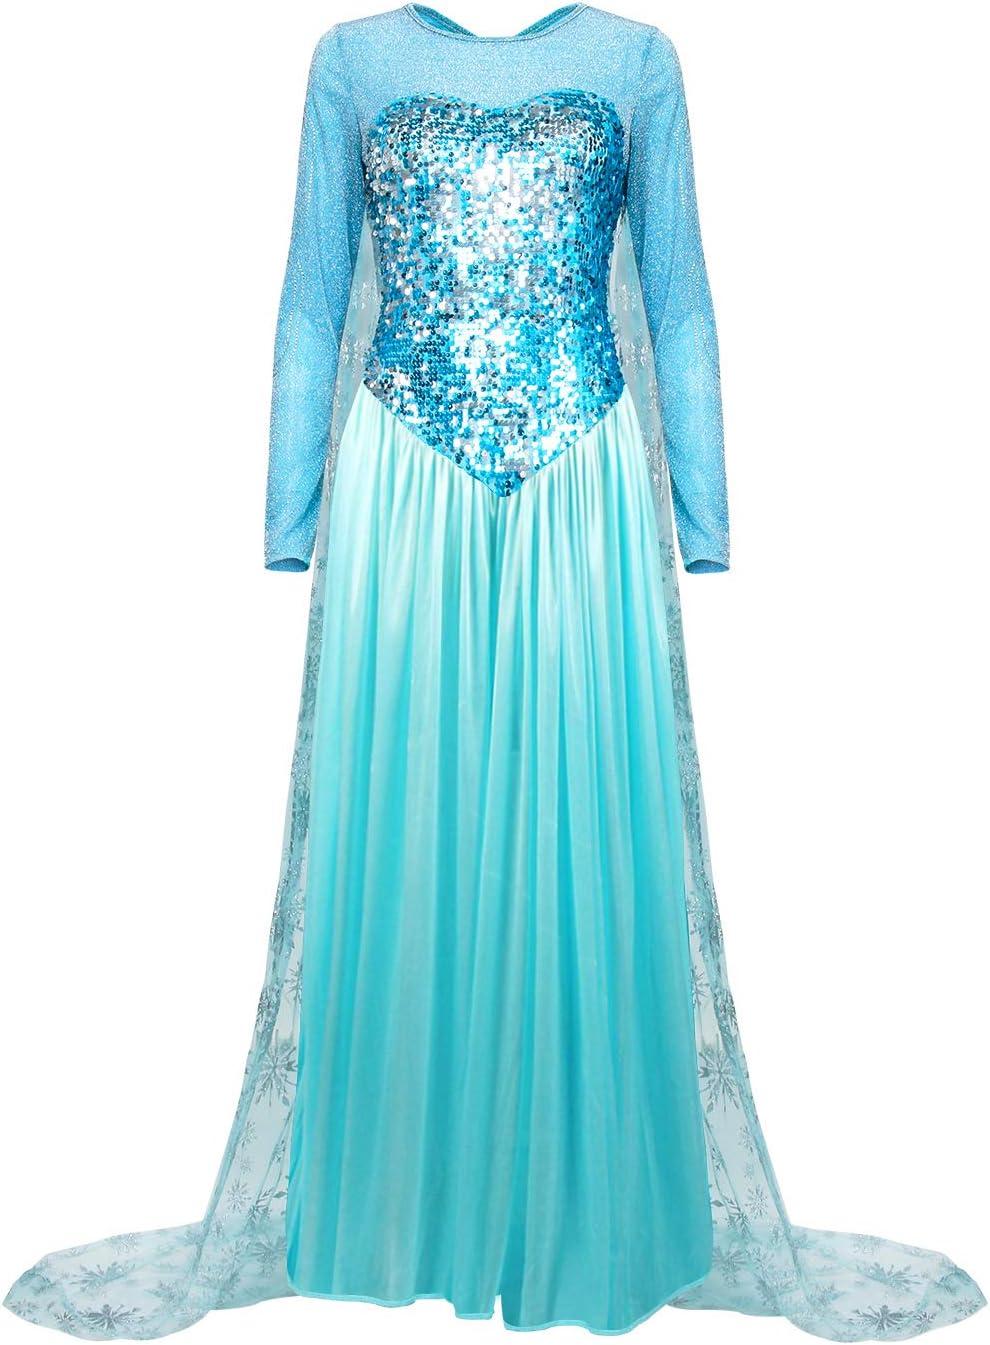 Nofonda Vestido Congelado, Vestido Largo Azul con Lentejuelas, Traje Falda Espléndido de la Princesa Elsa, Vestido Elegante para Mujer para Disfraces, Halloween, Cosplay, Carnaval (XL)